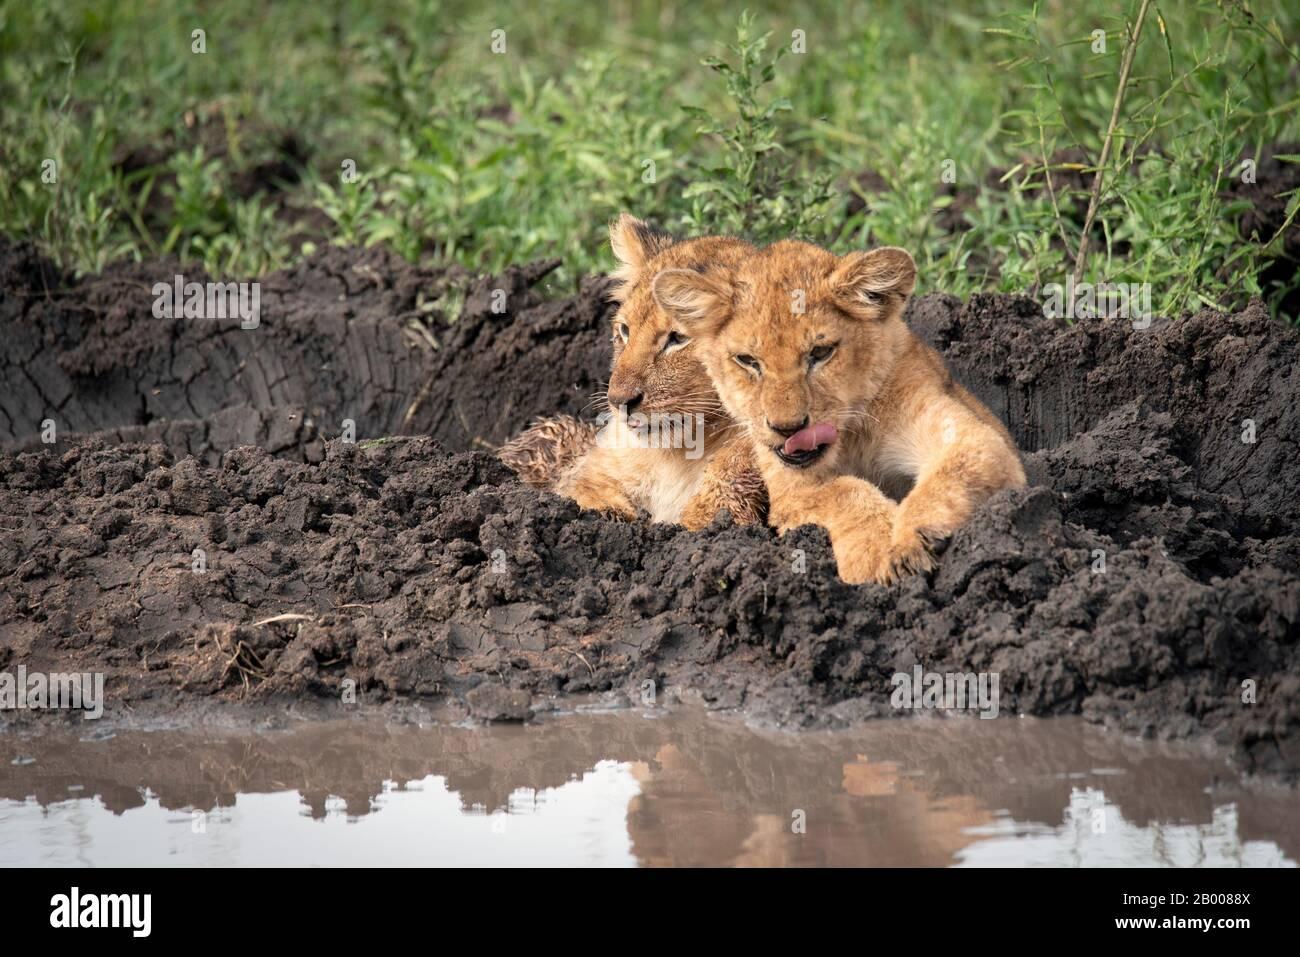 El cachorro de león se pega con su pequeña lengua Foto de stock